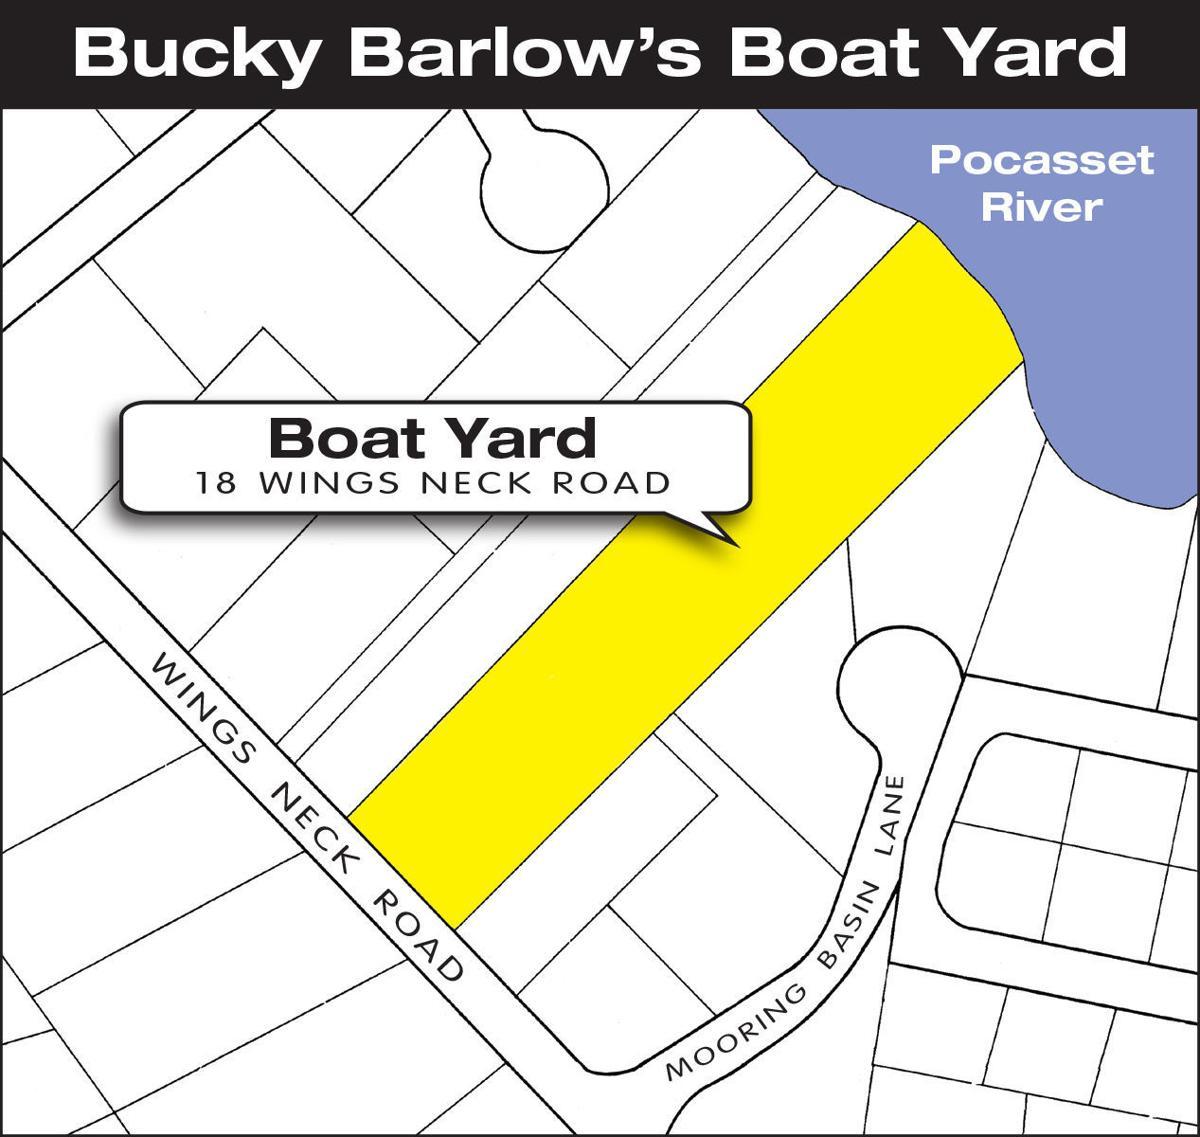 Bucky Barlow's Boat Yard